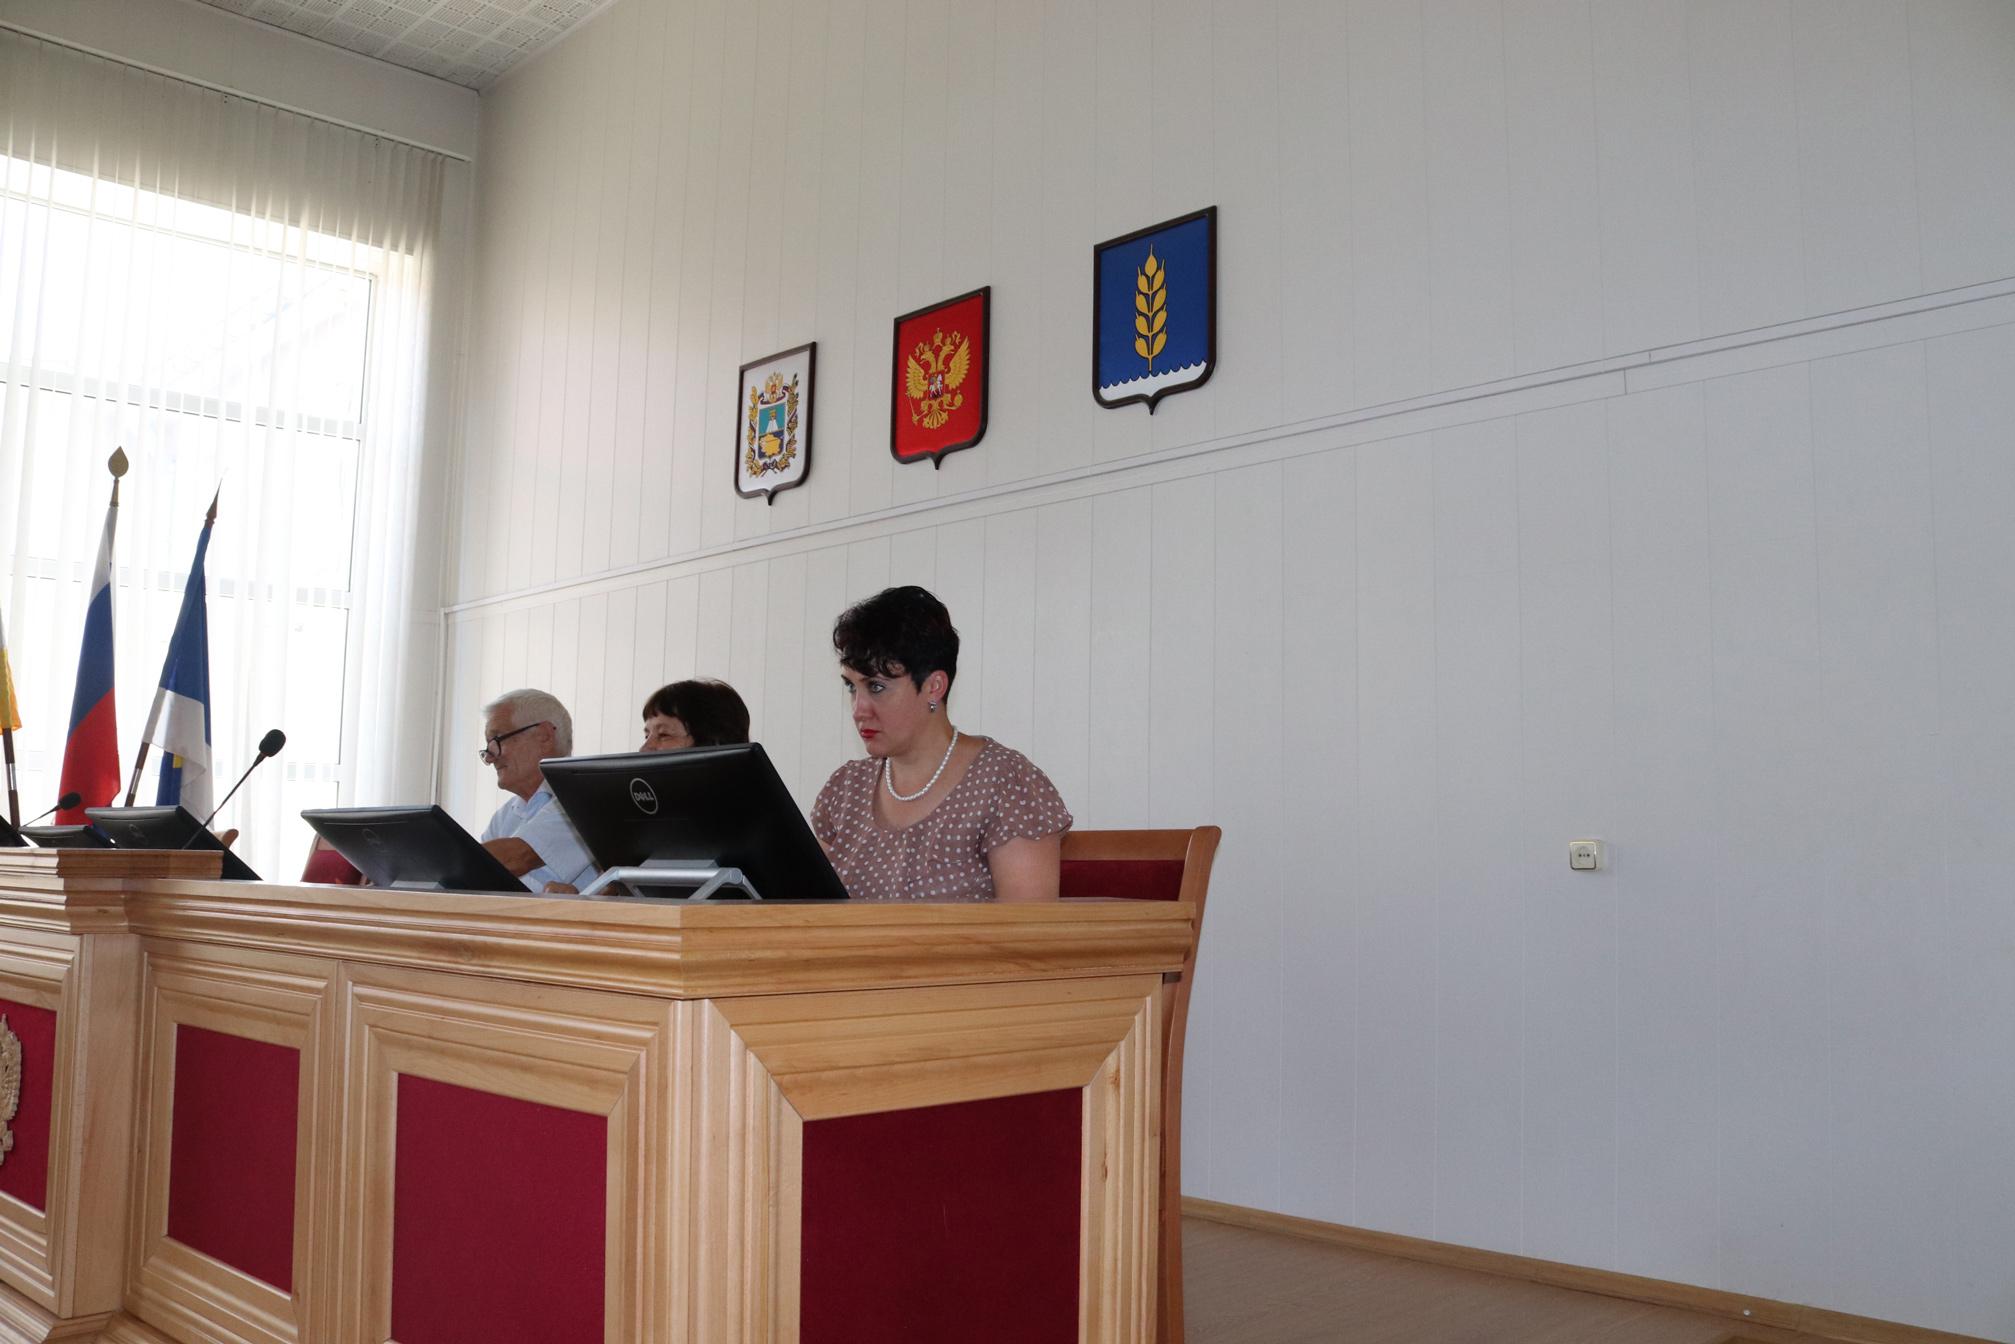 Общественный совет Новоселицкого района: обсуждены результаты сдачи ЕГЭ и вопросы обращения с ТКО